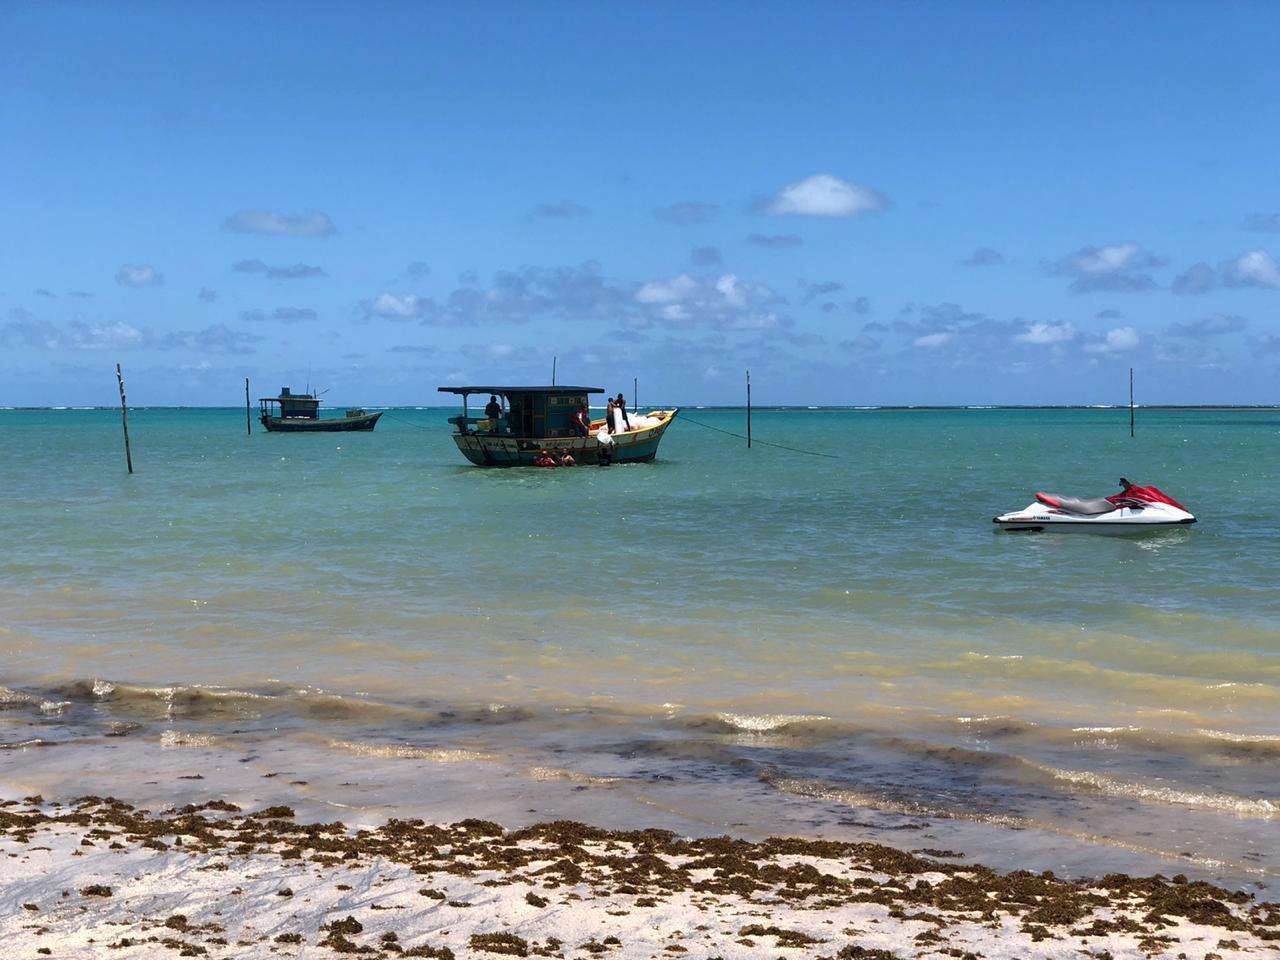 Força-tarefa atua em alto-mar para retirar óleo visto em sobrevoo entre Pernambuco e Alagoas - Notícias - Plantão Diário